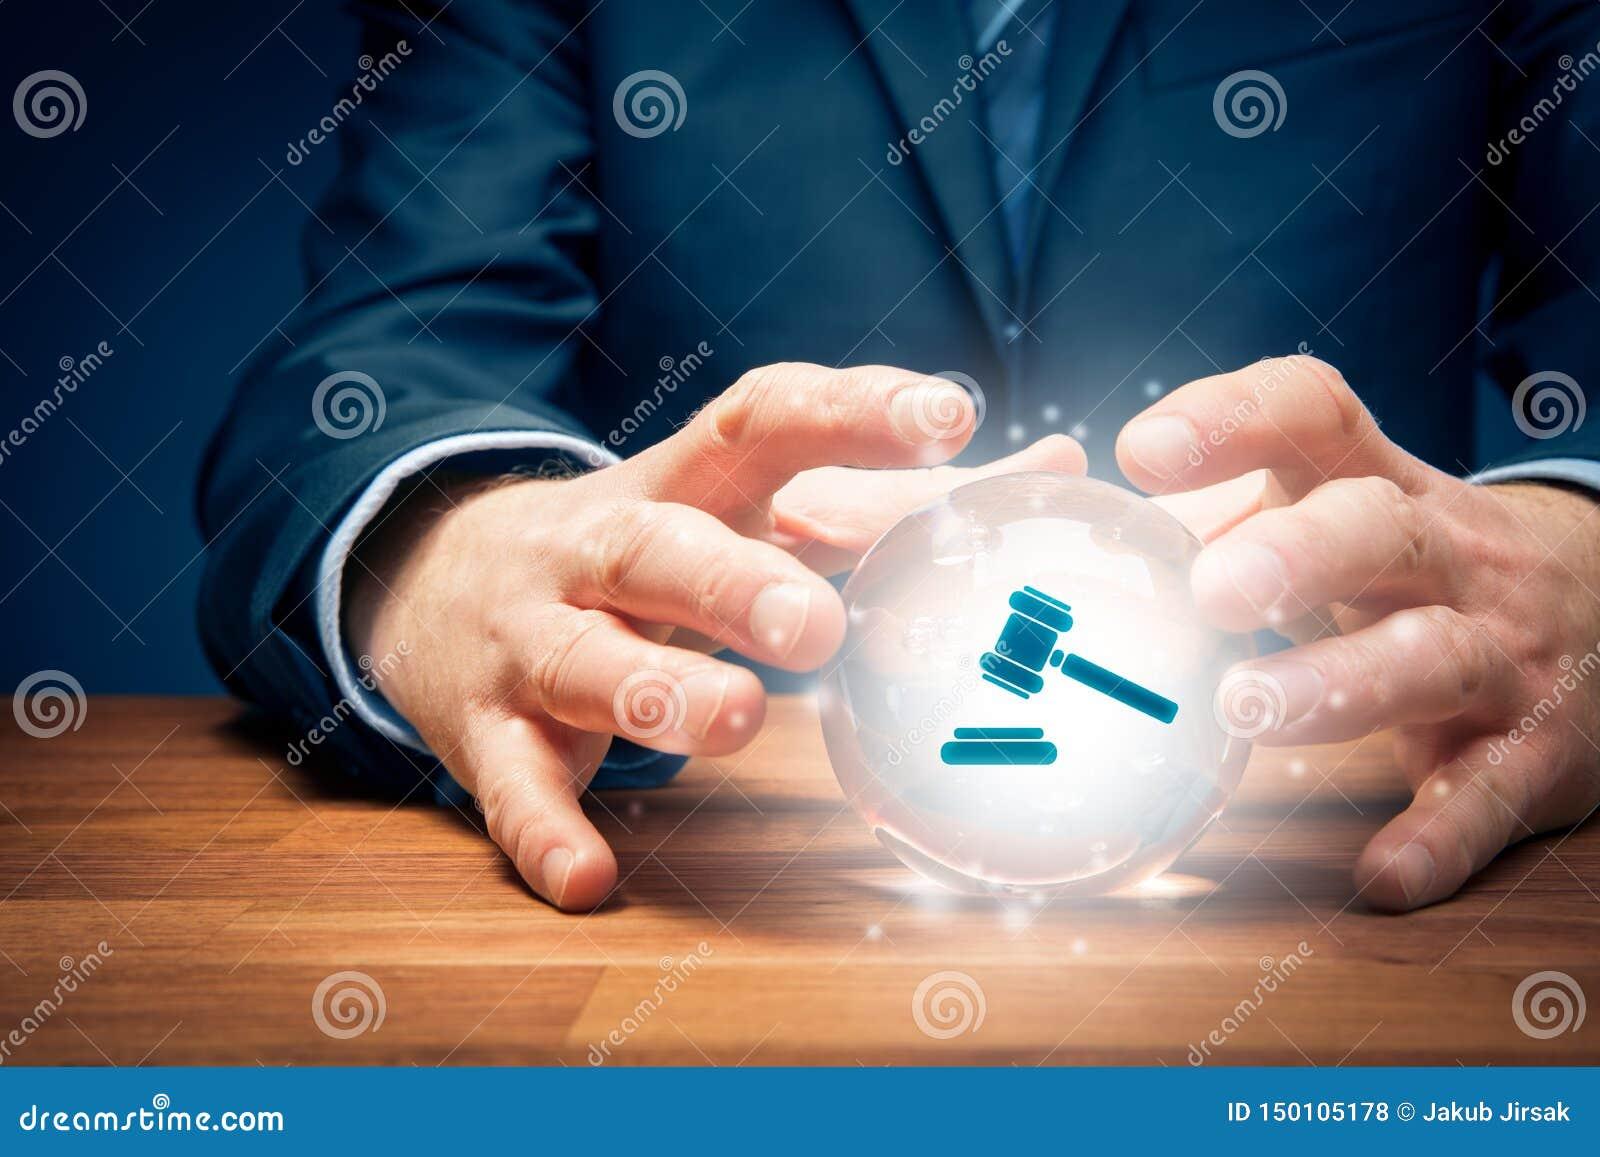 Prawnik lub adwokat przepowiadamy rezultat decyzja sądu